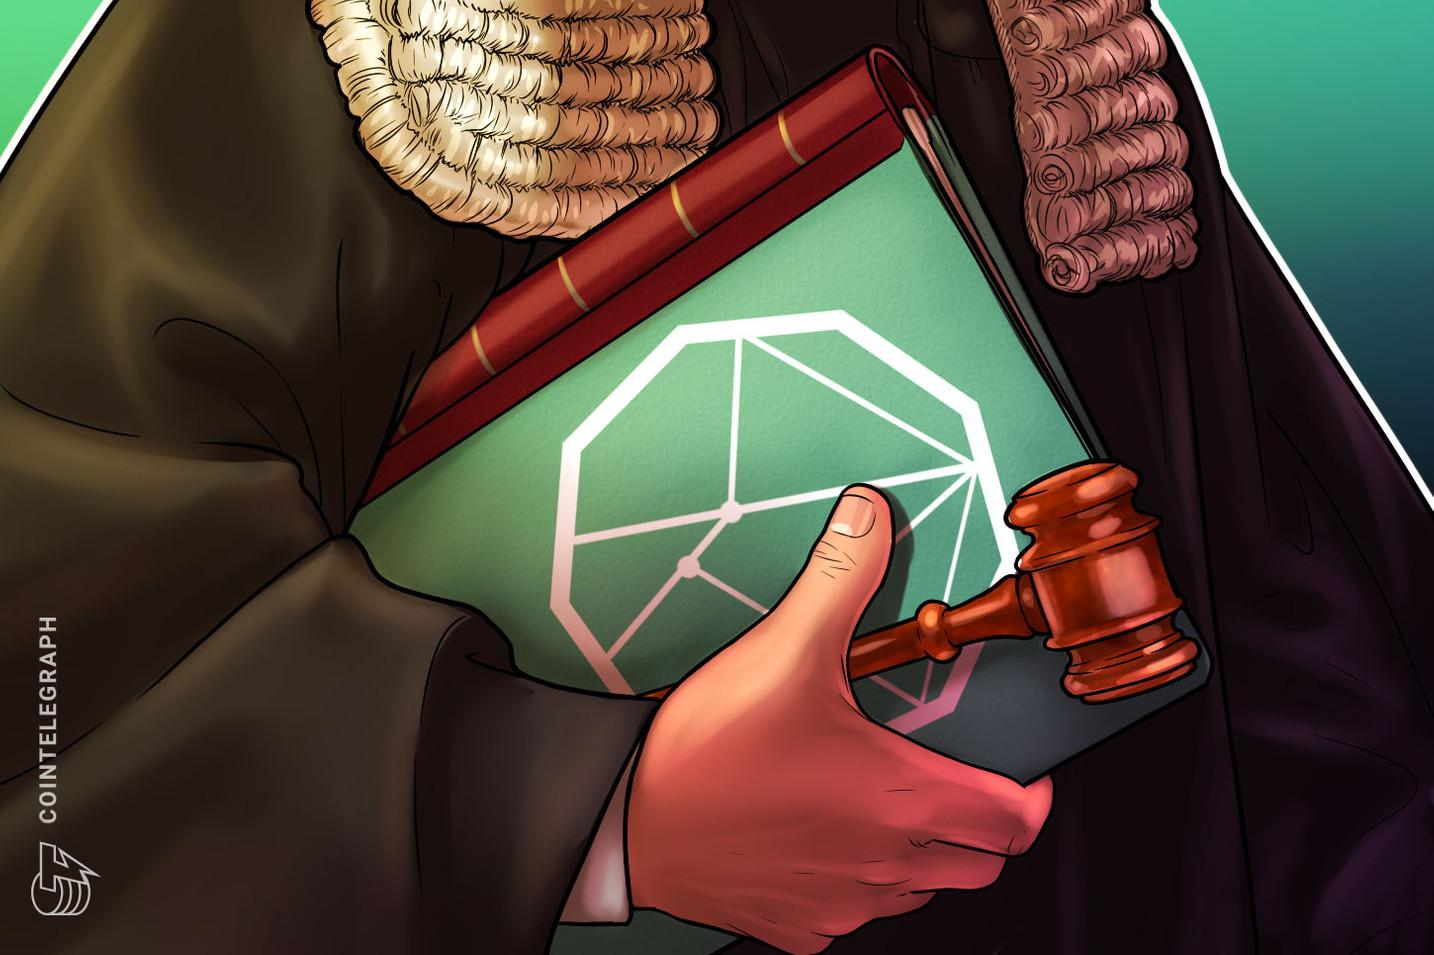 Savedroid: Staatsanwaltschaft ermittelt gegen Krypto-Startup wegen Betrugsverdacht